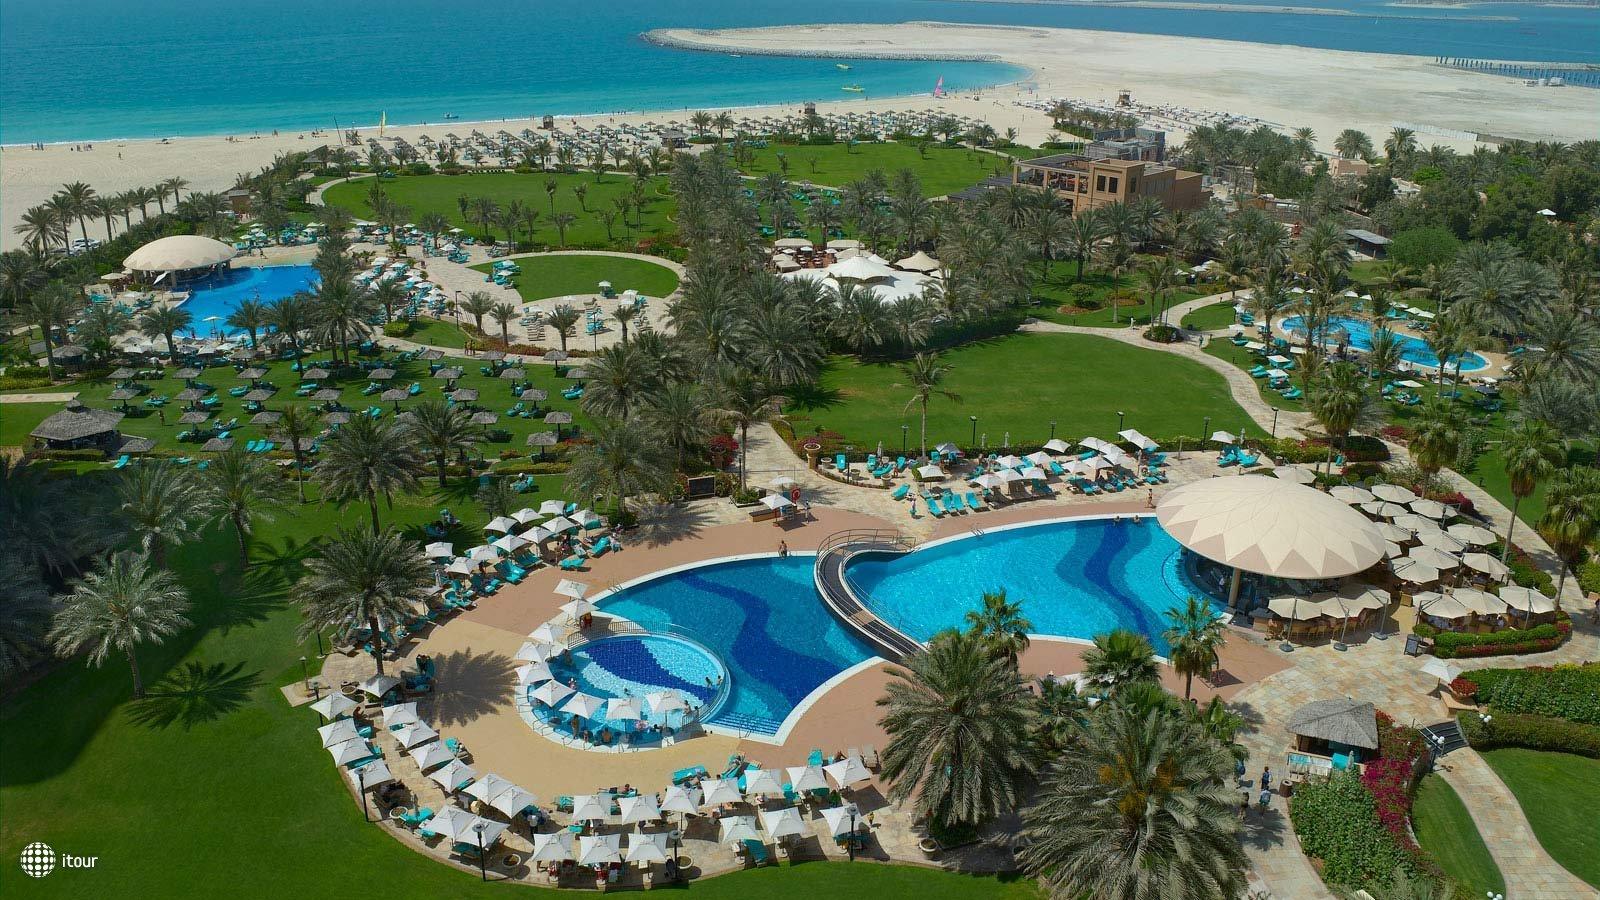 Le Royal Meridien Beach Resort & Spa 1